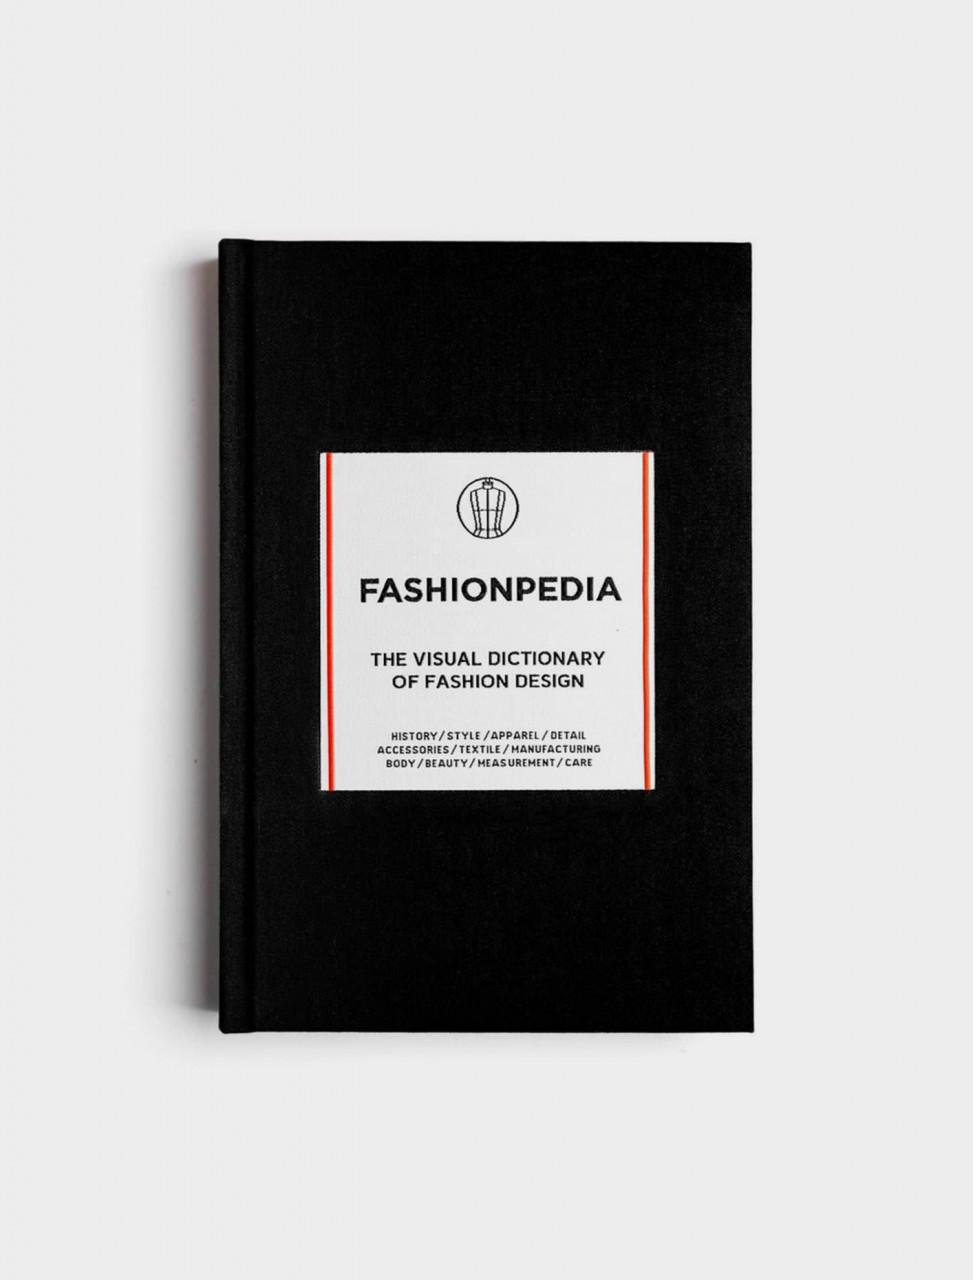 Fashionary Fashionpedia: The Visual Dictionary of Fashion Design